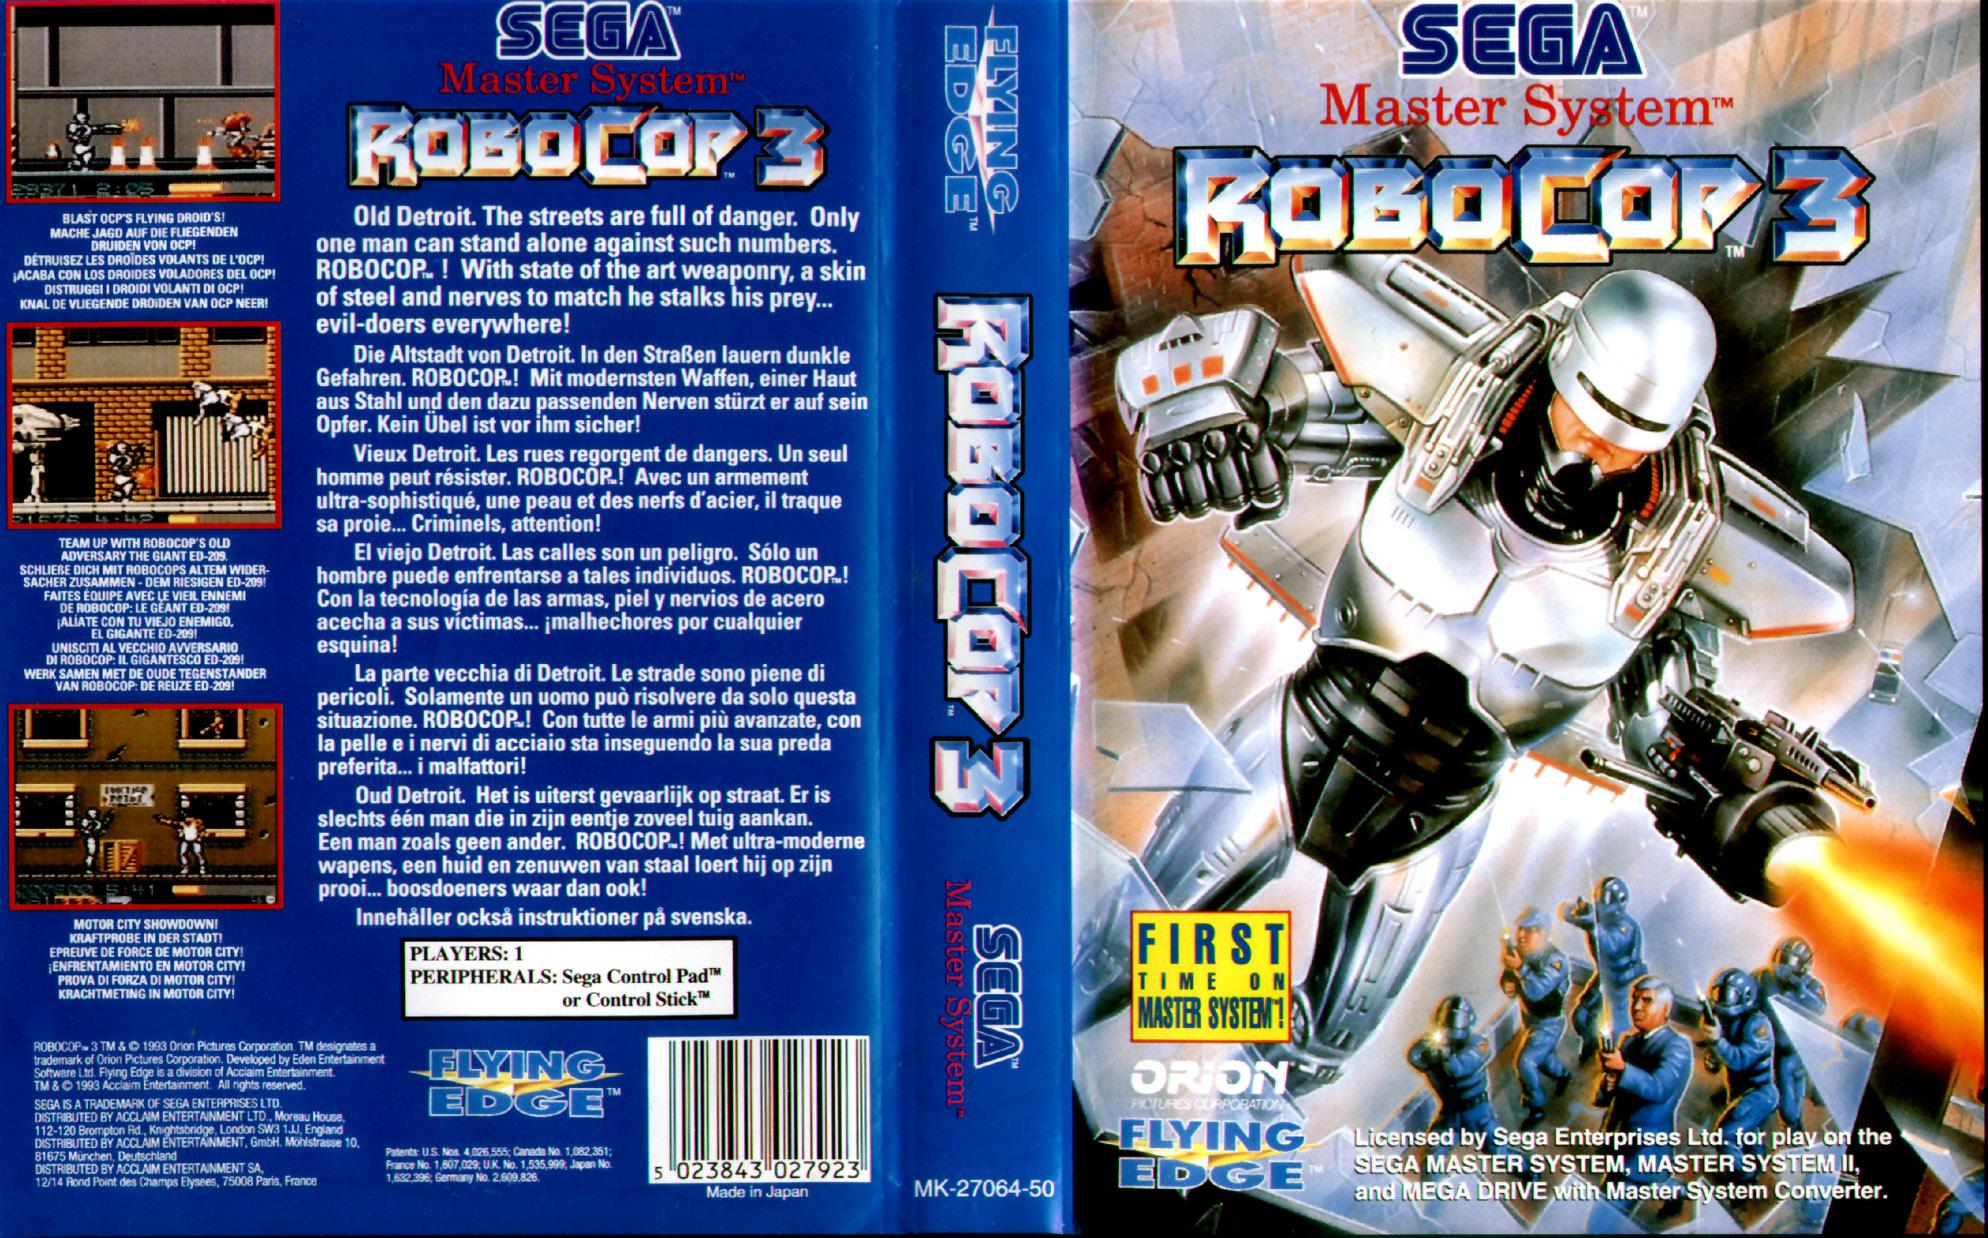 http://www.smspower.org/uploads/Scans/RoboCop3-SMS-EU.jpg